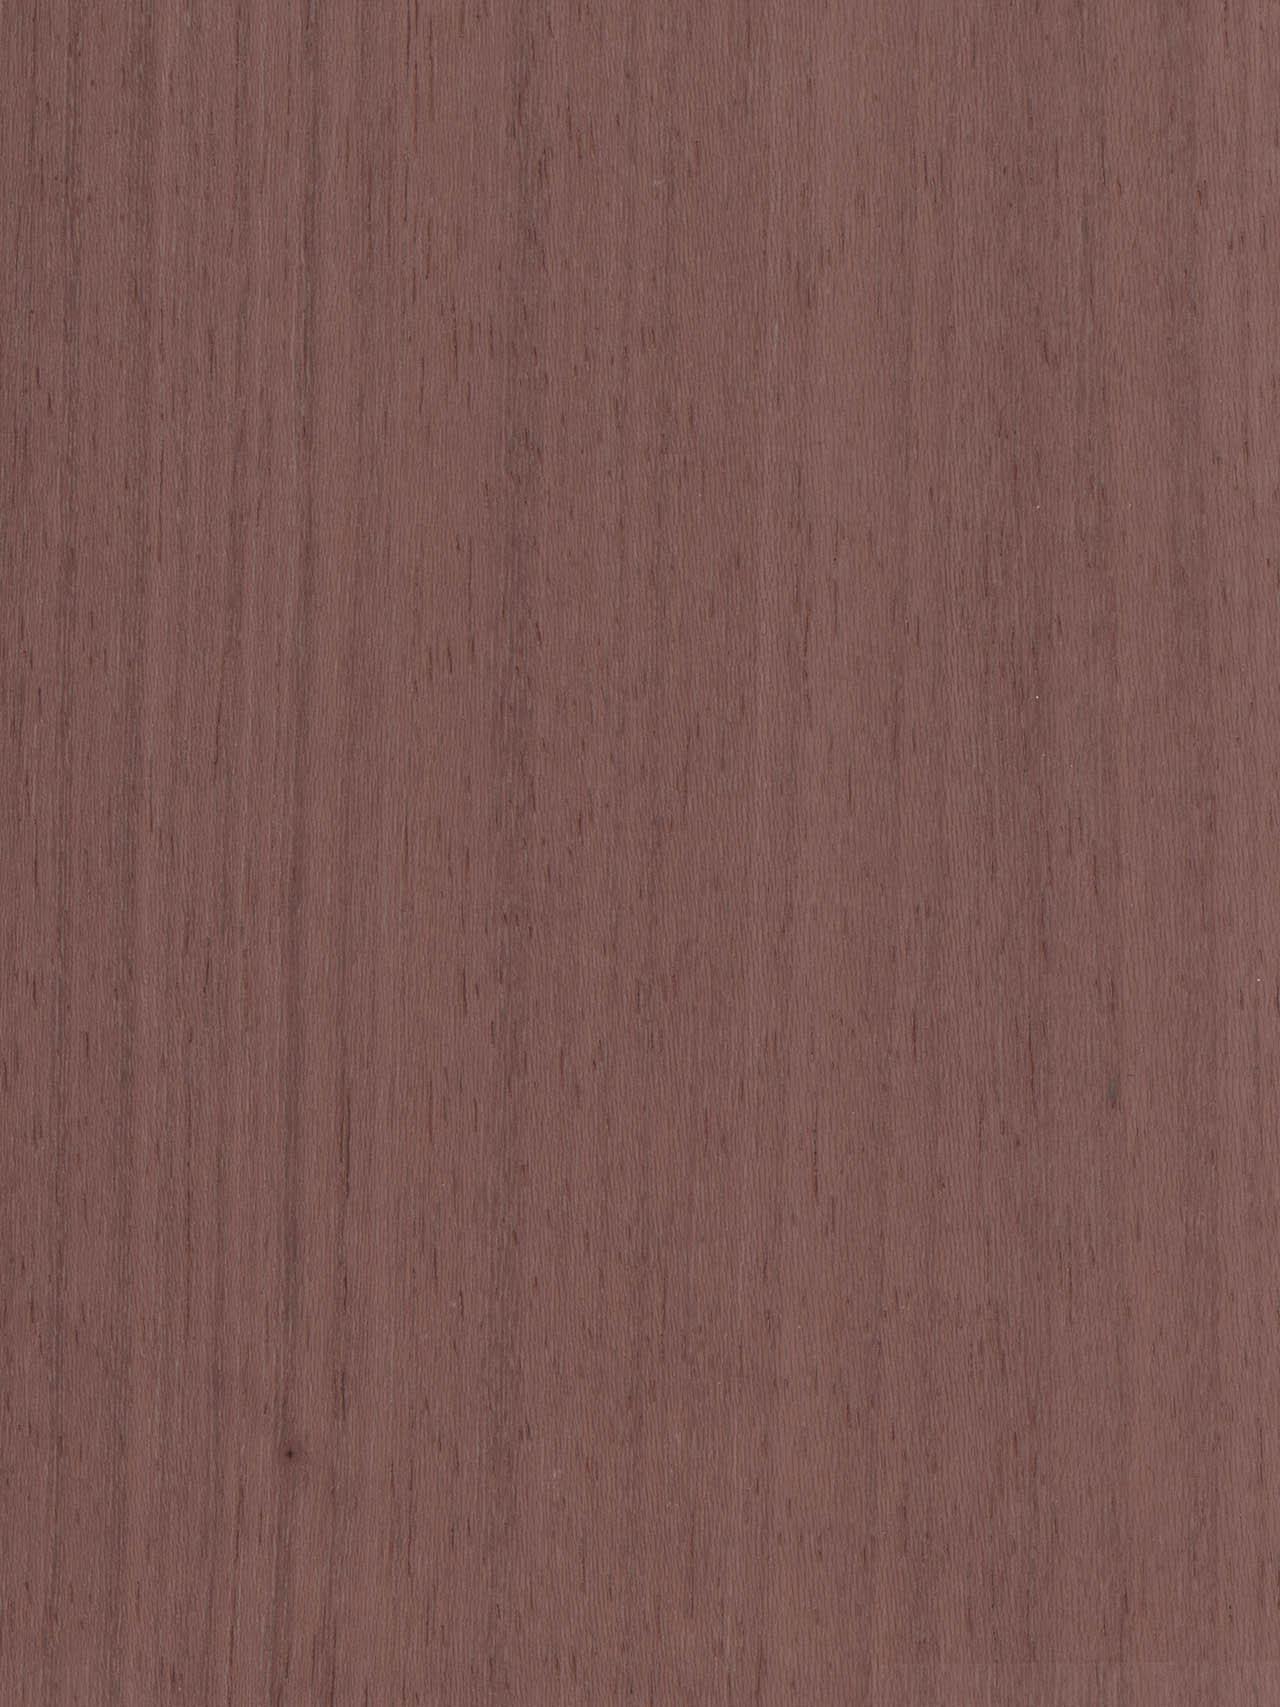 Chapa madera Koto Avellana MBF123 Losán